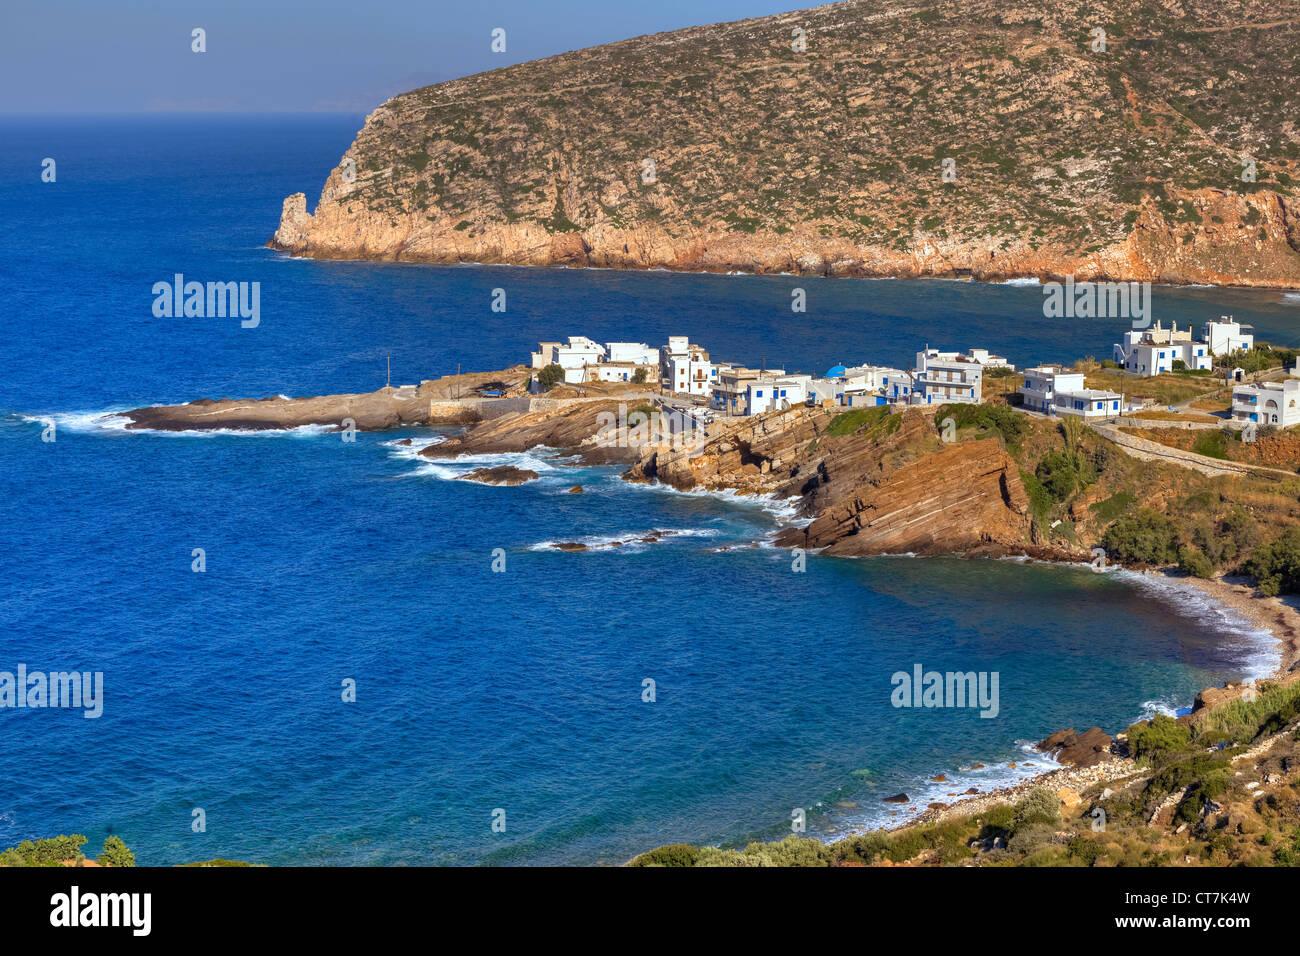 Villaggio di Pescatori, Grecia APOLLONAS, NAXOS, Grecia Immagini Stock